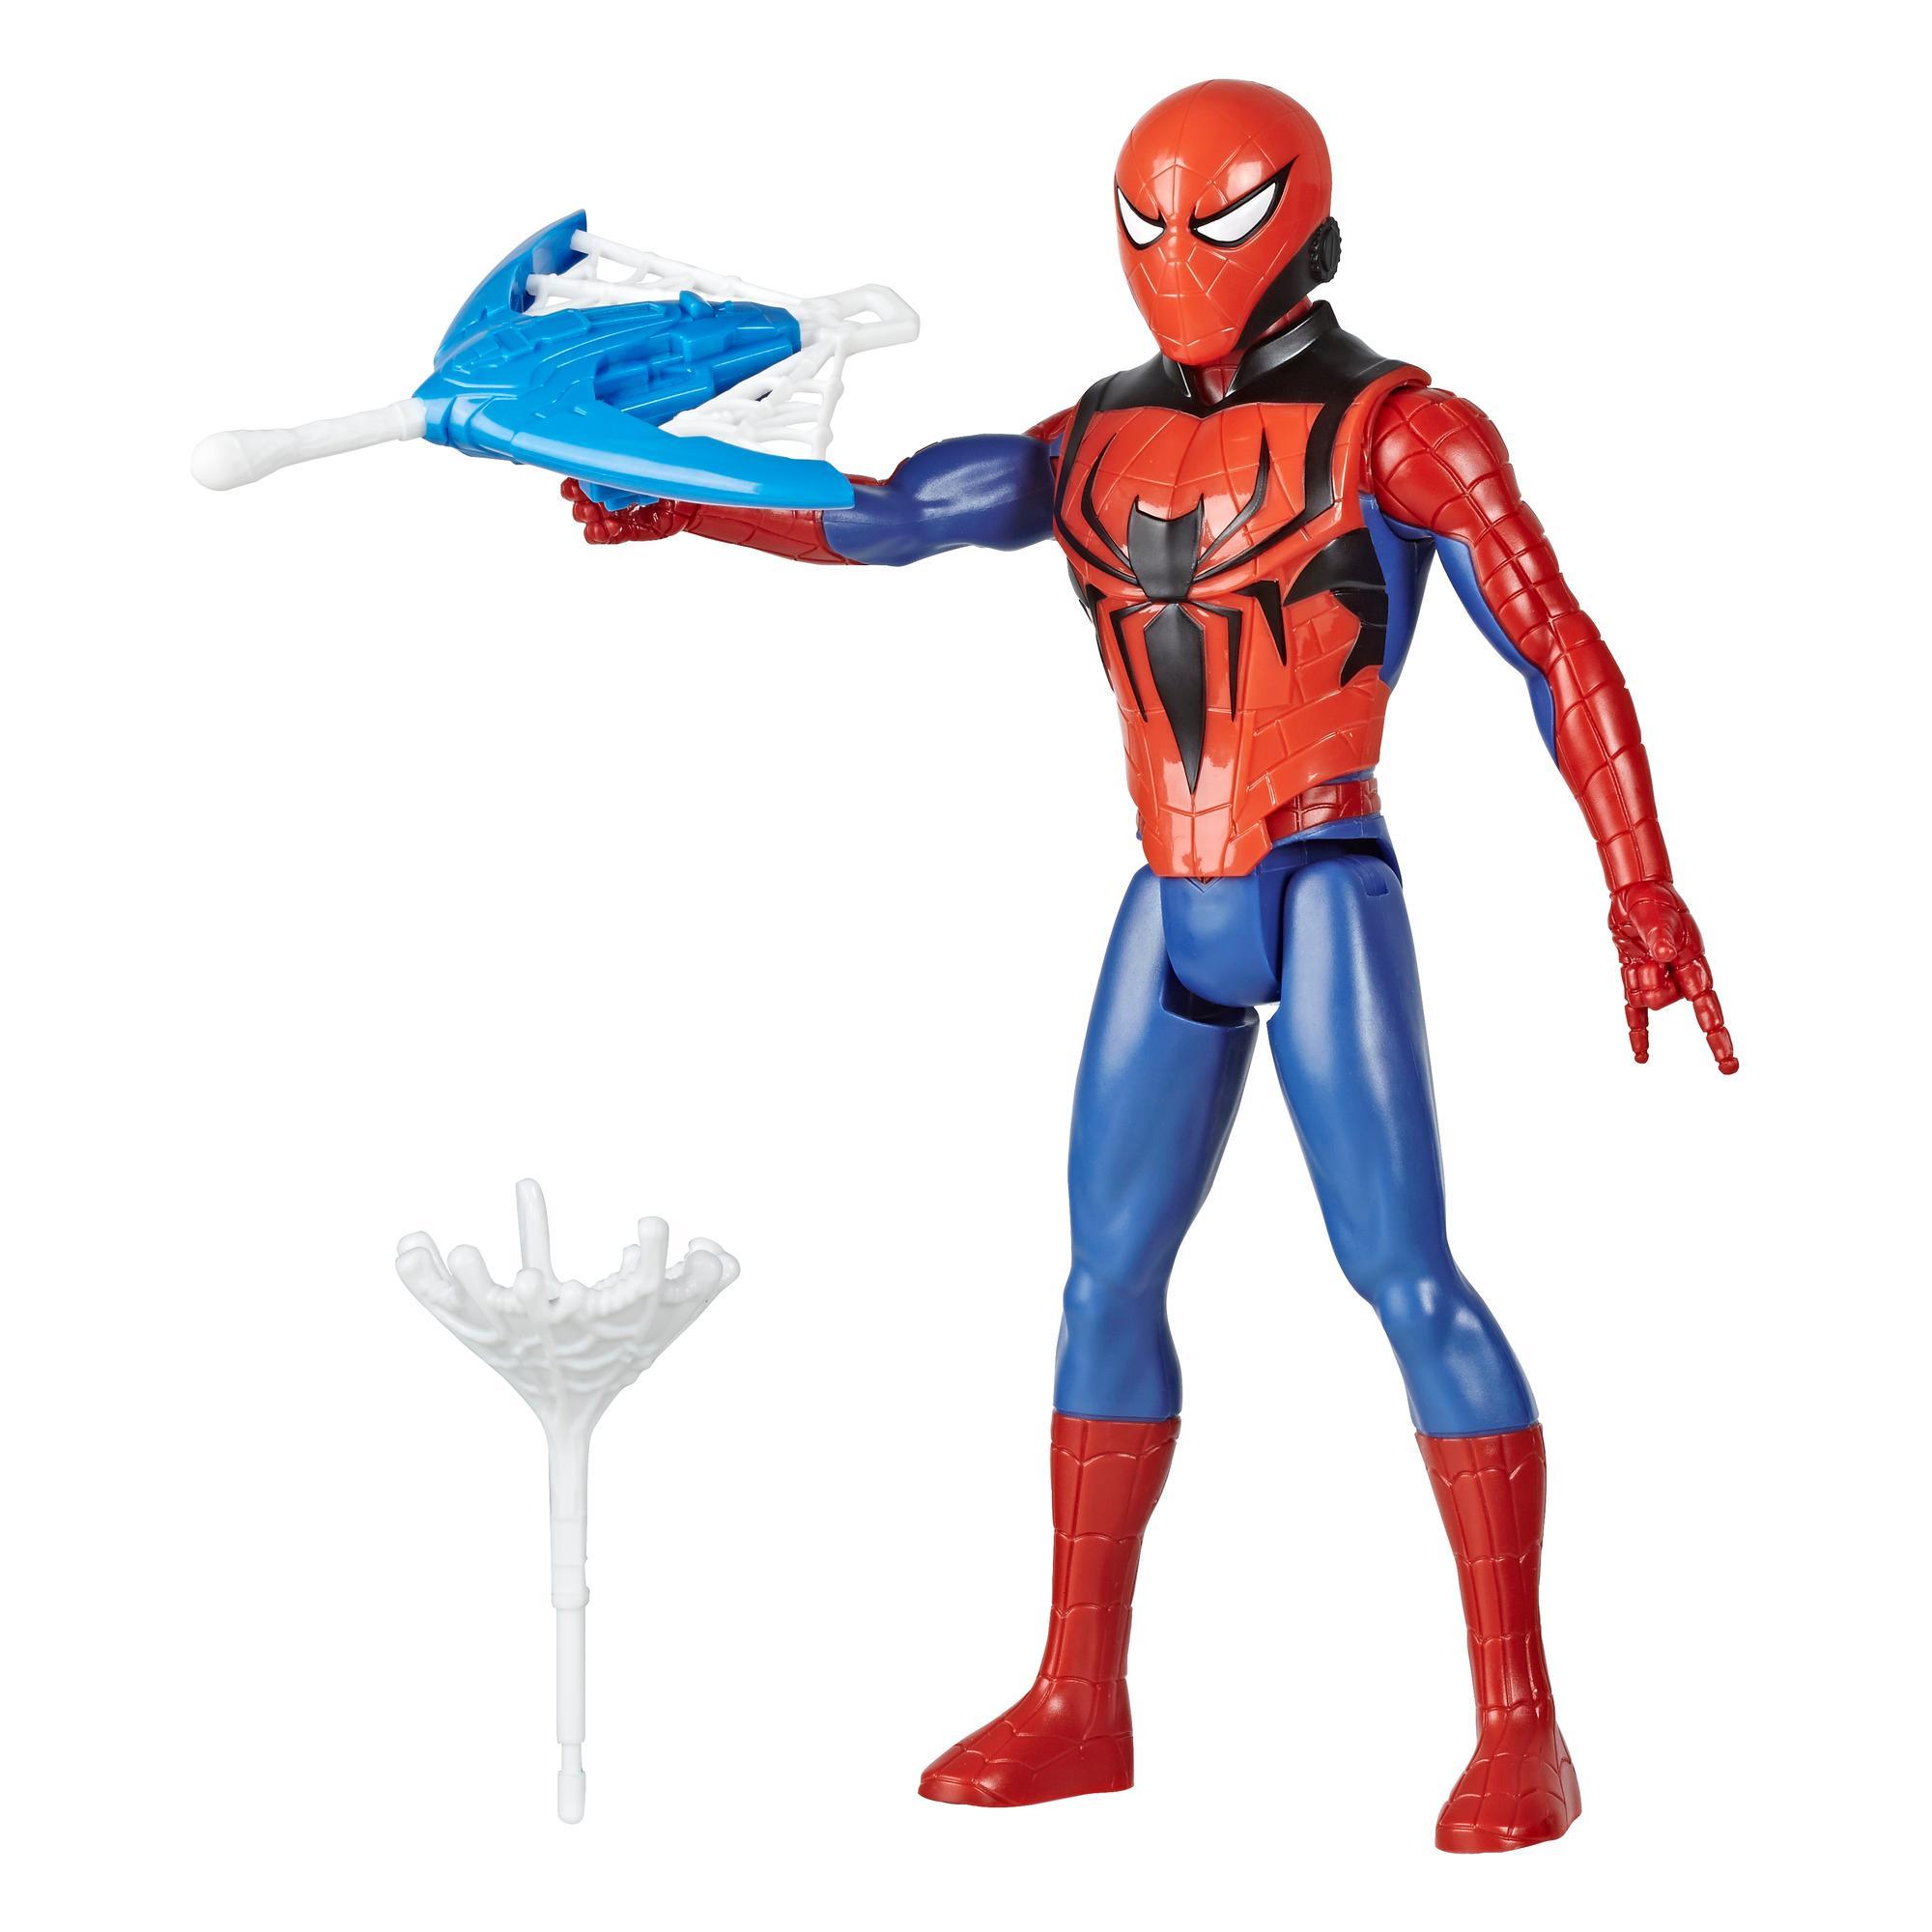 Marvel Spider-Man Titan Hero Series Blast Gear Action Figure Toy, joka sisältää blasterin, 2 ammusta ja 3 haarniskavarustetta